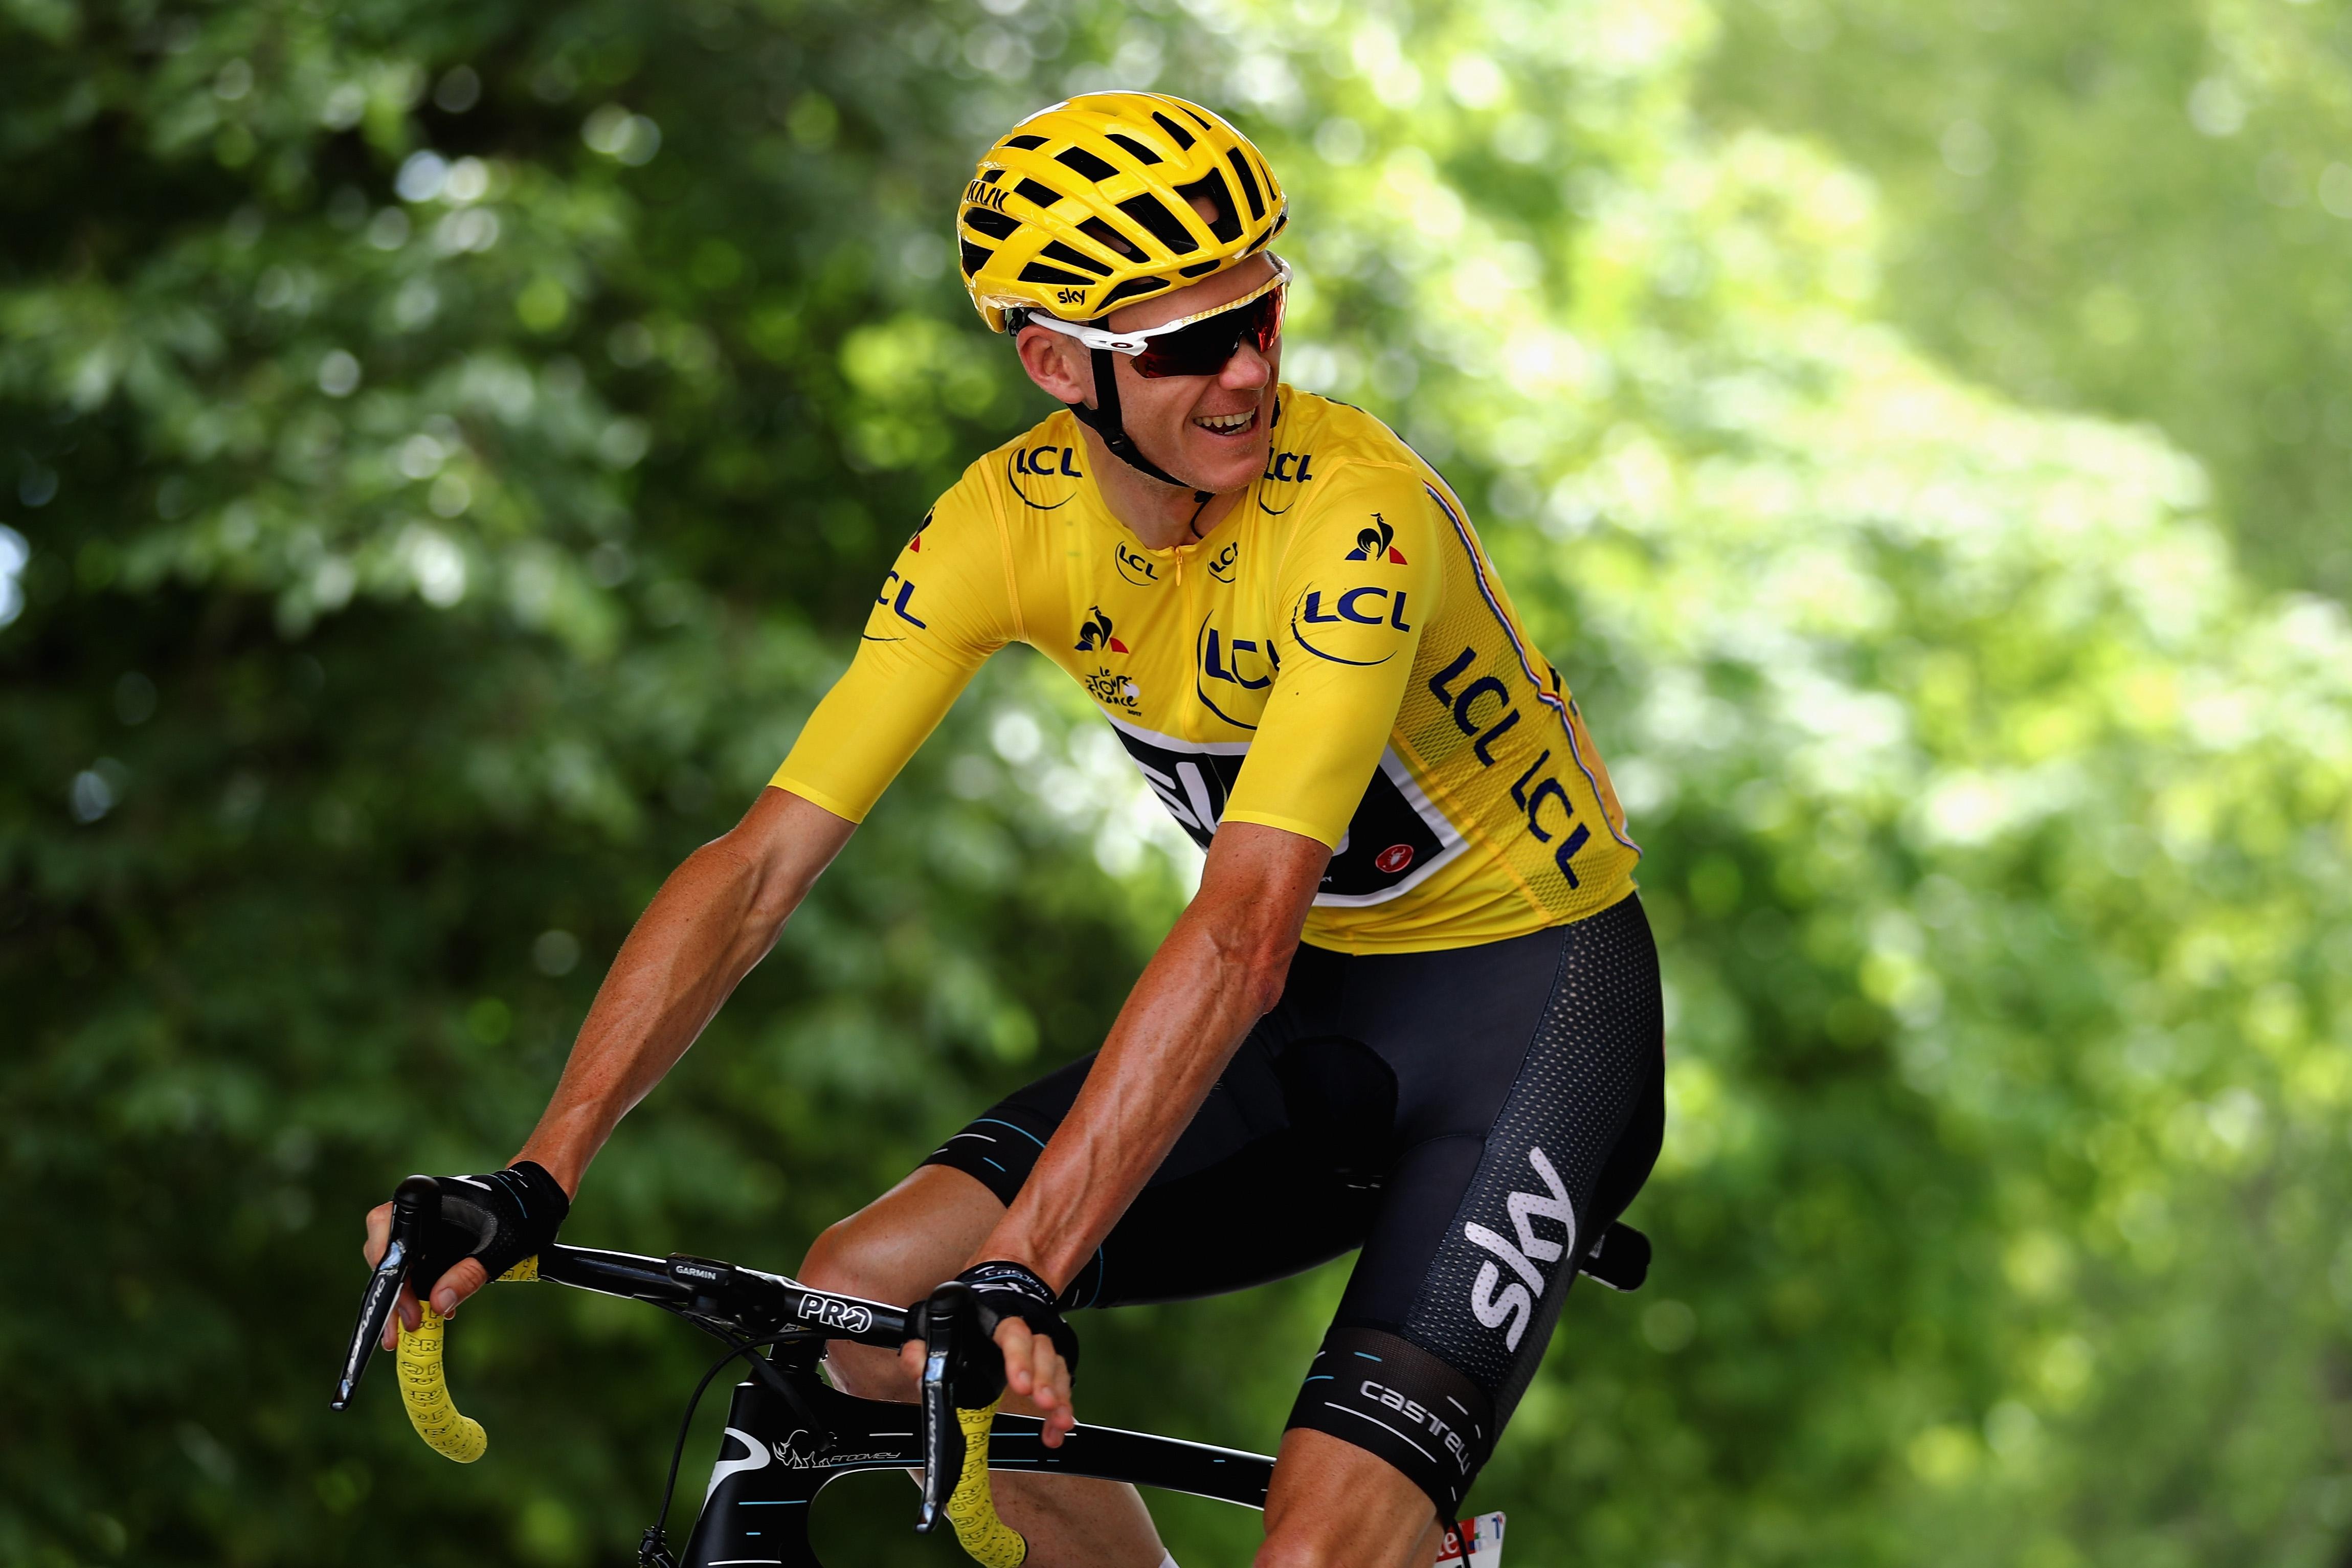 Крис Фрум ще участва в колоездачната обиколка на Италия през